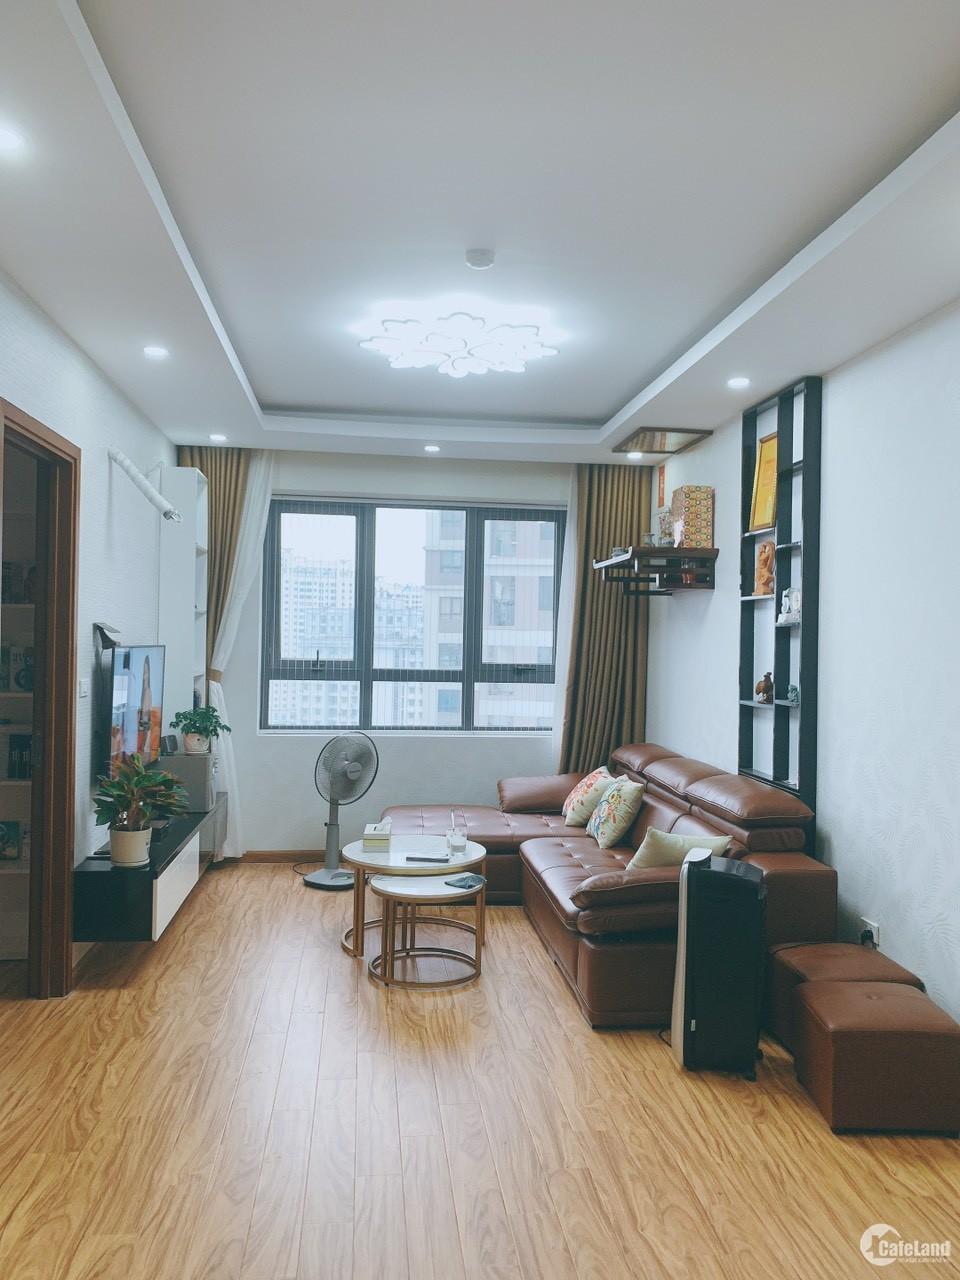 Cho thuê căn hộ tại NHÀ Ở XÃ HỘI BỘ CÔNG AN 43 PHẠM VĂN ĐỒNG Thái Hà Constrexim